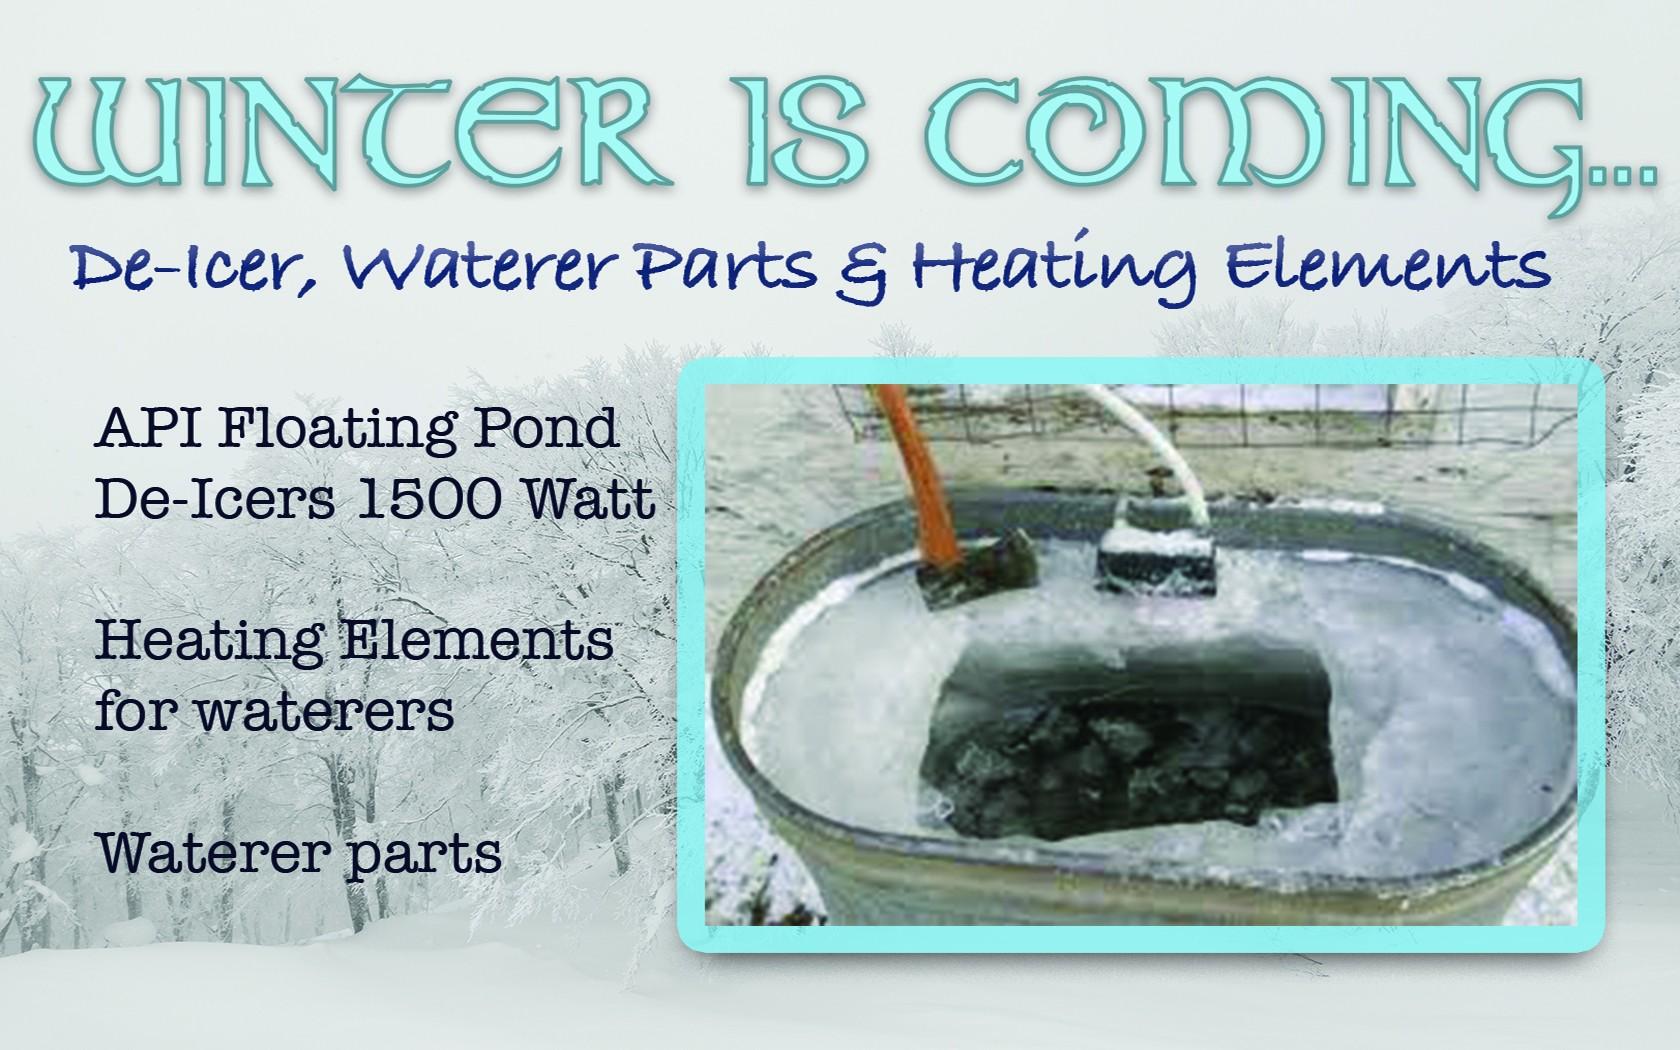 Waterer